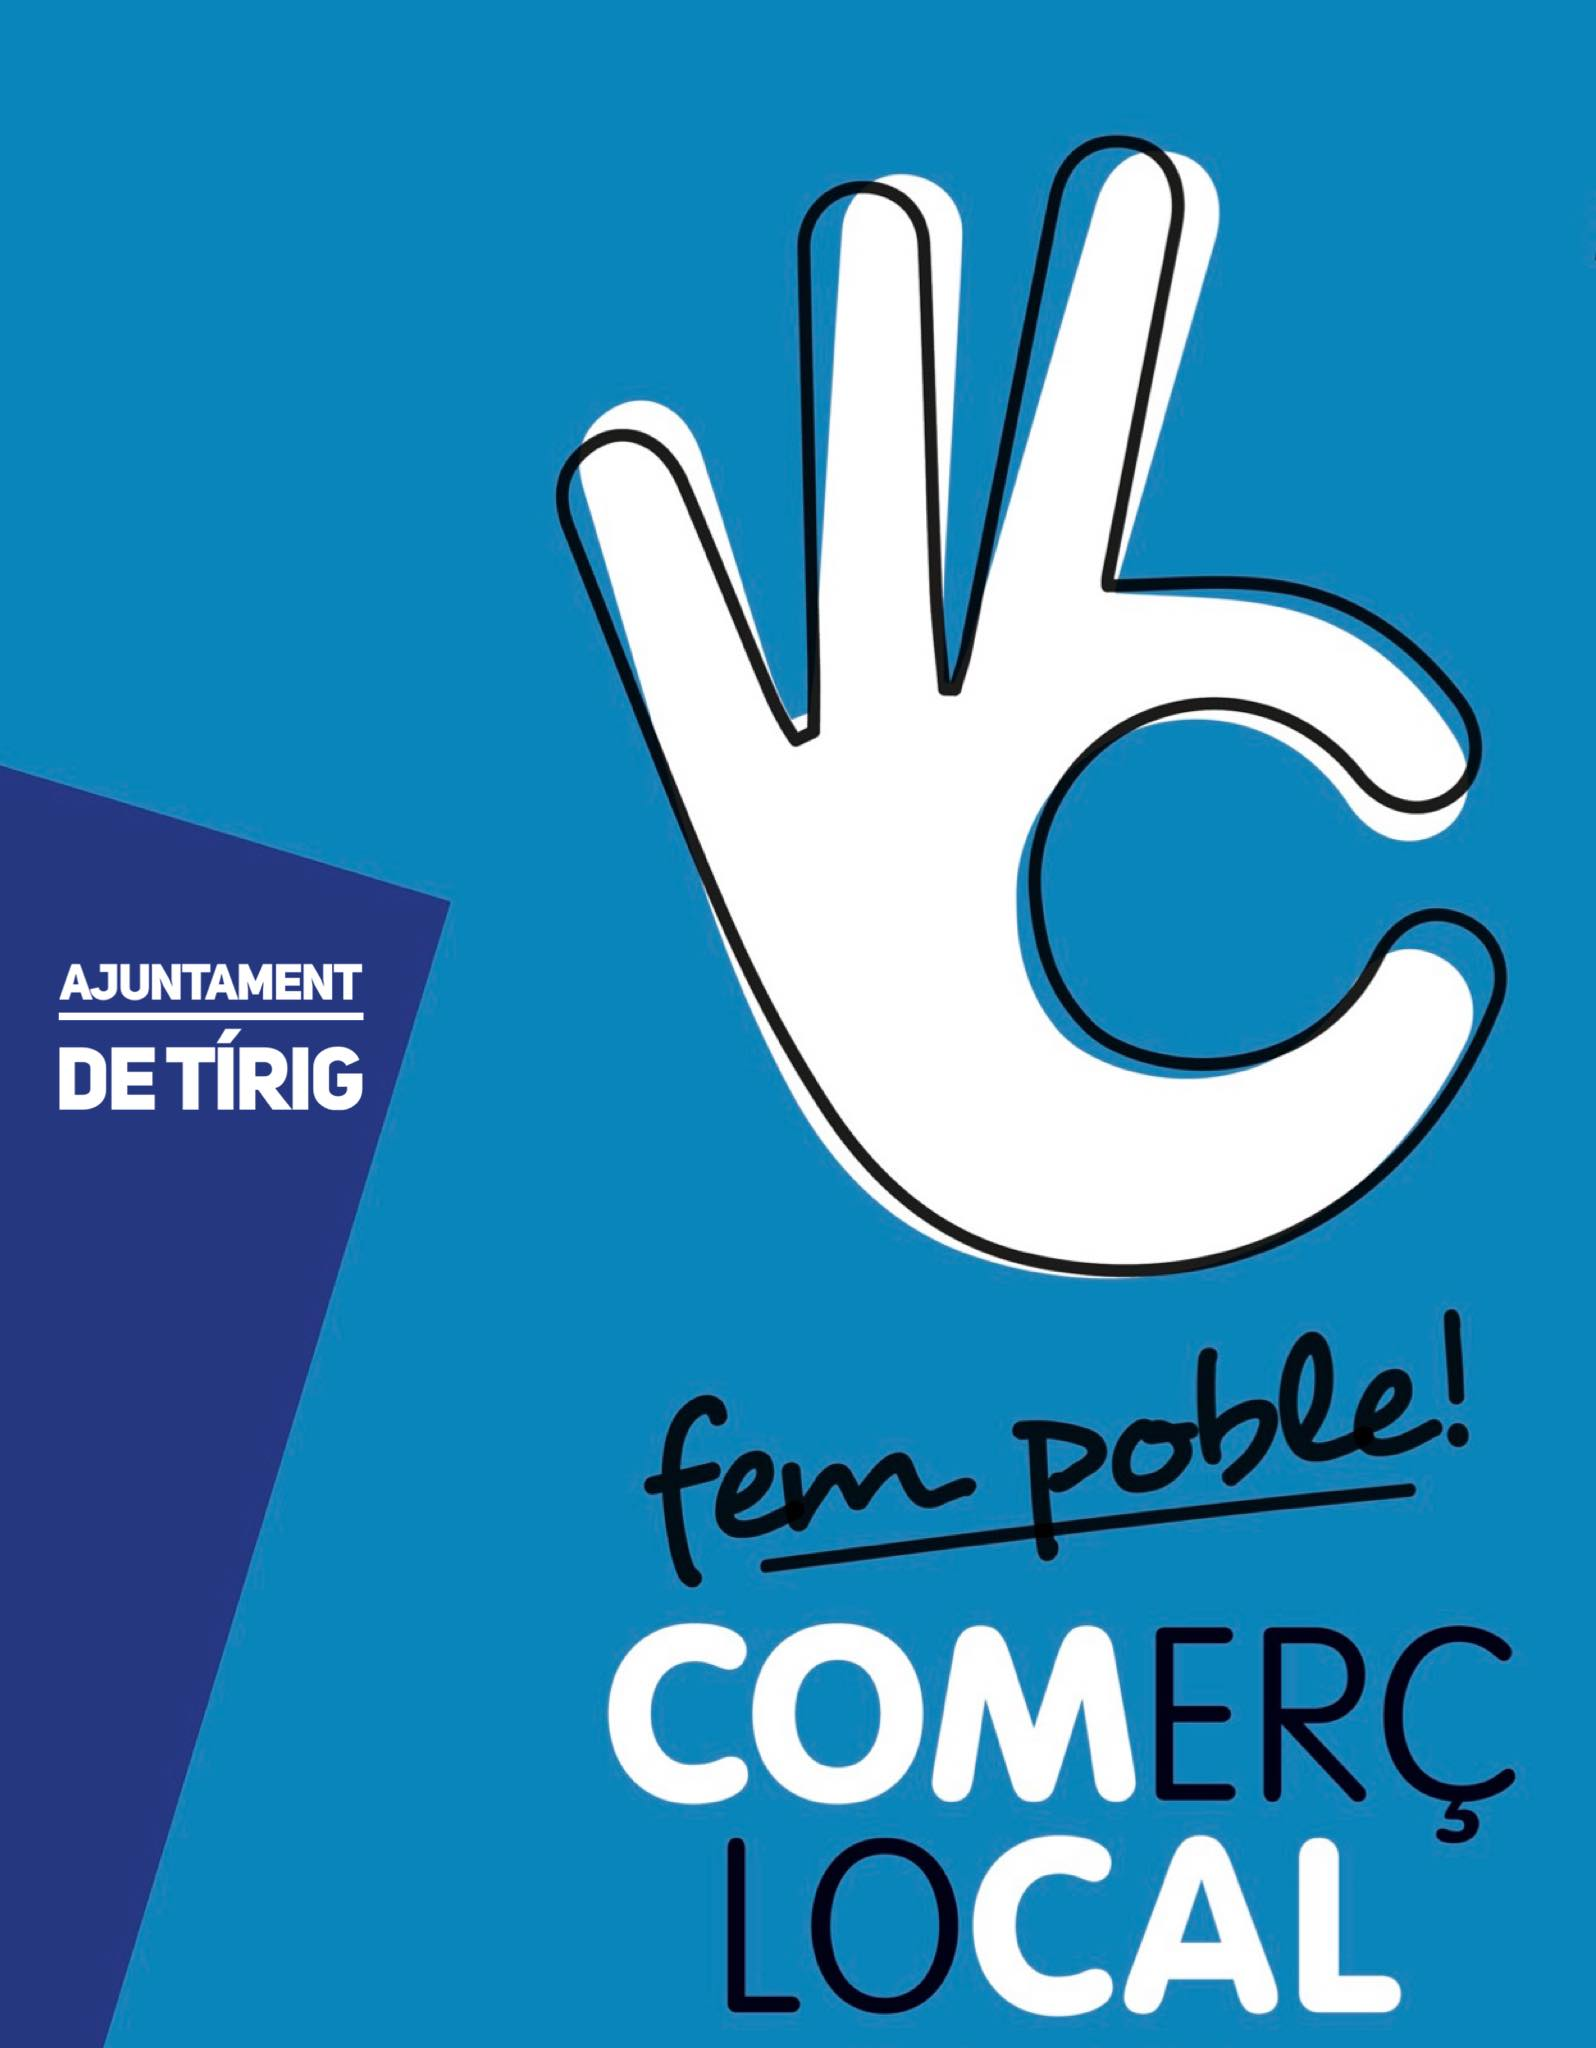 L'Ajuntament de Tírig llança la campanya